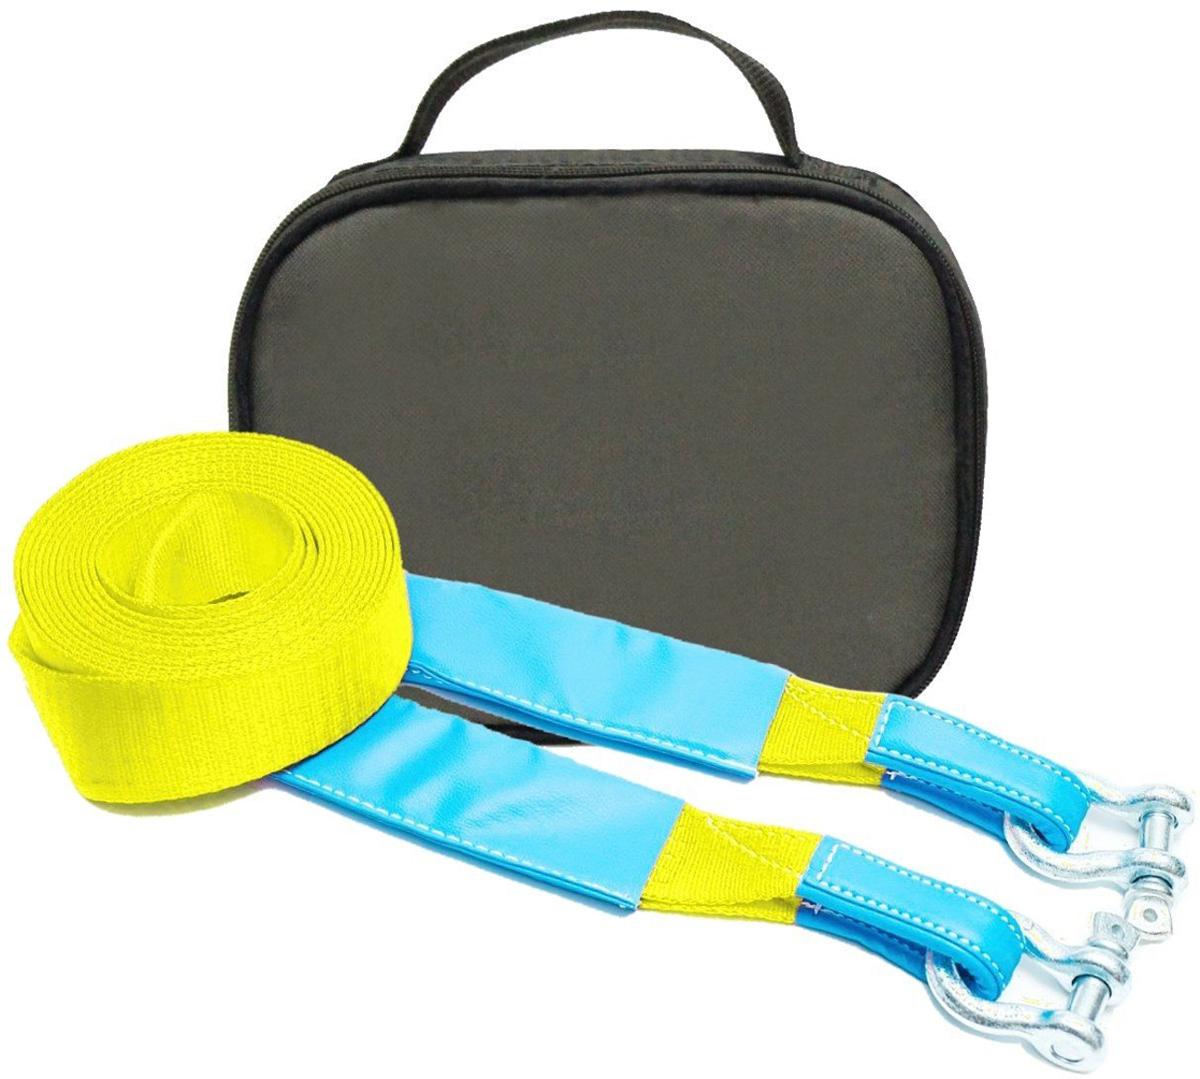 Строп динамический Tplus Стандарт, рывковый, с сумкой, цвет: оливковый, с шаклами, 6 т, 9 мT001962Минимальная разрывная нагрузка (MBS): 6 т; Длина: 9 м; Ширина ленты: 70 мм; Материал ленты: полиамид; Защита петель: экокожа; Защита швов: экокожа; Эластичность (удлинение при нагрузке): 20%; Исполнение: петля/петля; Шакл 3.25/19.5 т: 2 шт. (безопасная рабочая нагрузка (SWL)/минимальная разрывная нагрузка (MBS); Применяется для а/м массой* от 1 до 1.8 т; Сумка (оксфорд); Гарантия: 1 год. *масса а/м = снаряженная масса а/м + 100 кг (+20% при эвакуации а/м из грязи). Если а/м оснащен дополнительным оборудованием (силовой бампер, лебёдка и т. п.), то масса а/м = снаряженная масса а/м + 100 кг + масса дополнительно установленного навесного оборудования (+20% при эвакуации а/м из грязи).